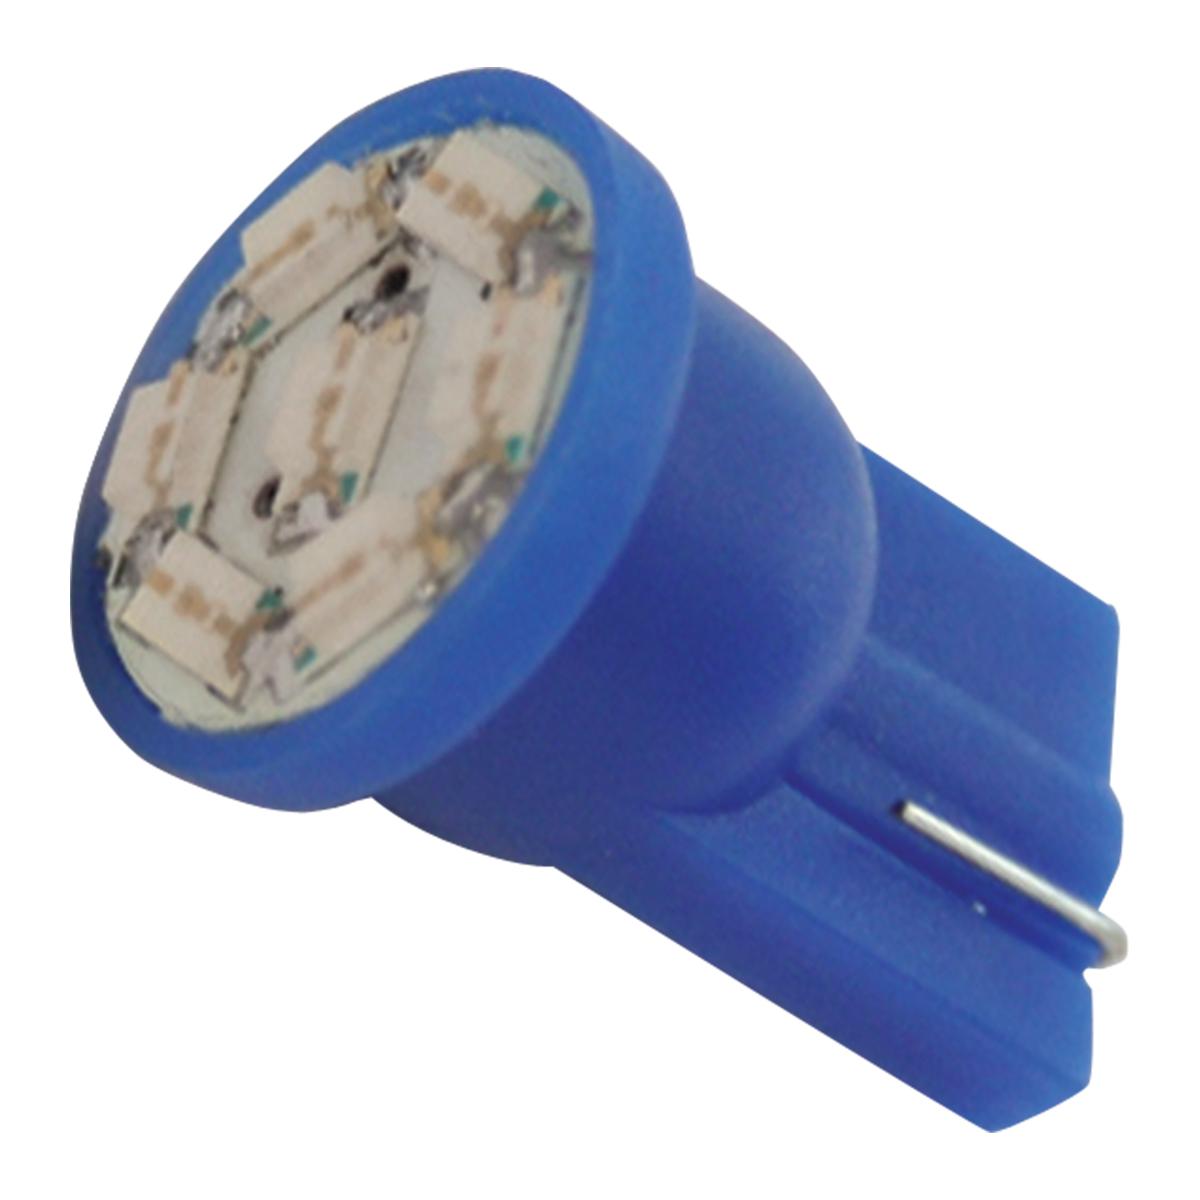 74901 Blue 194/168 Dome Type 7 LED Light Bulb